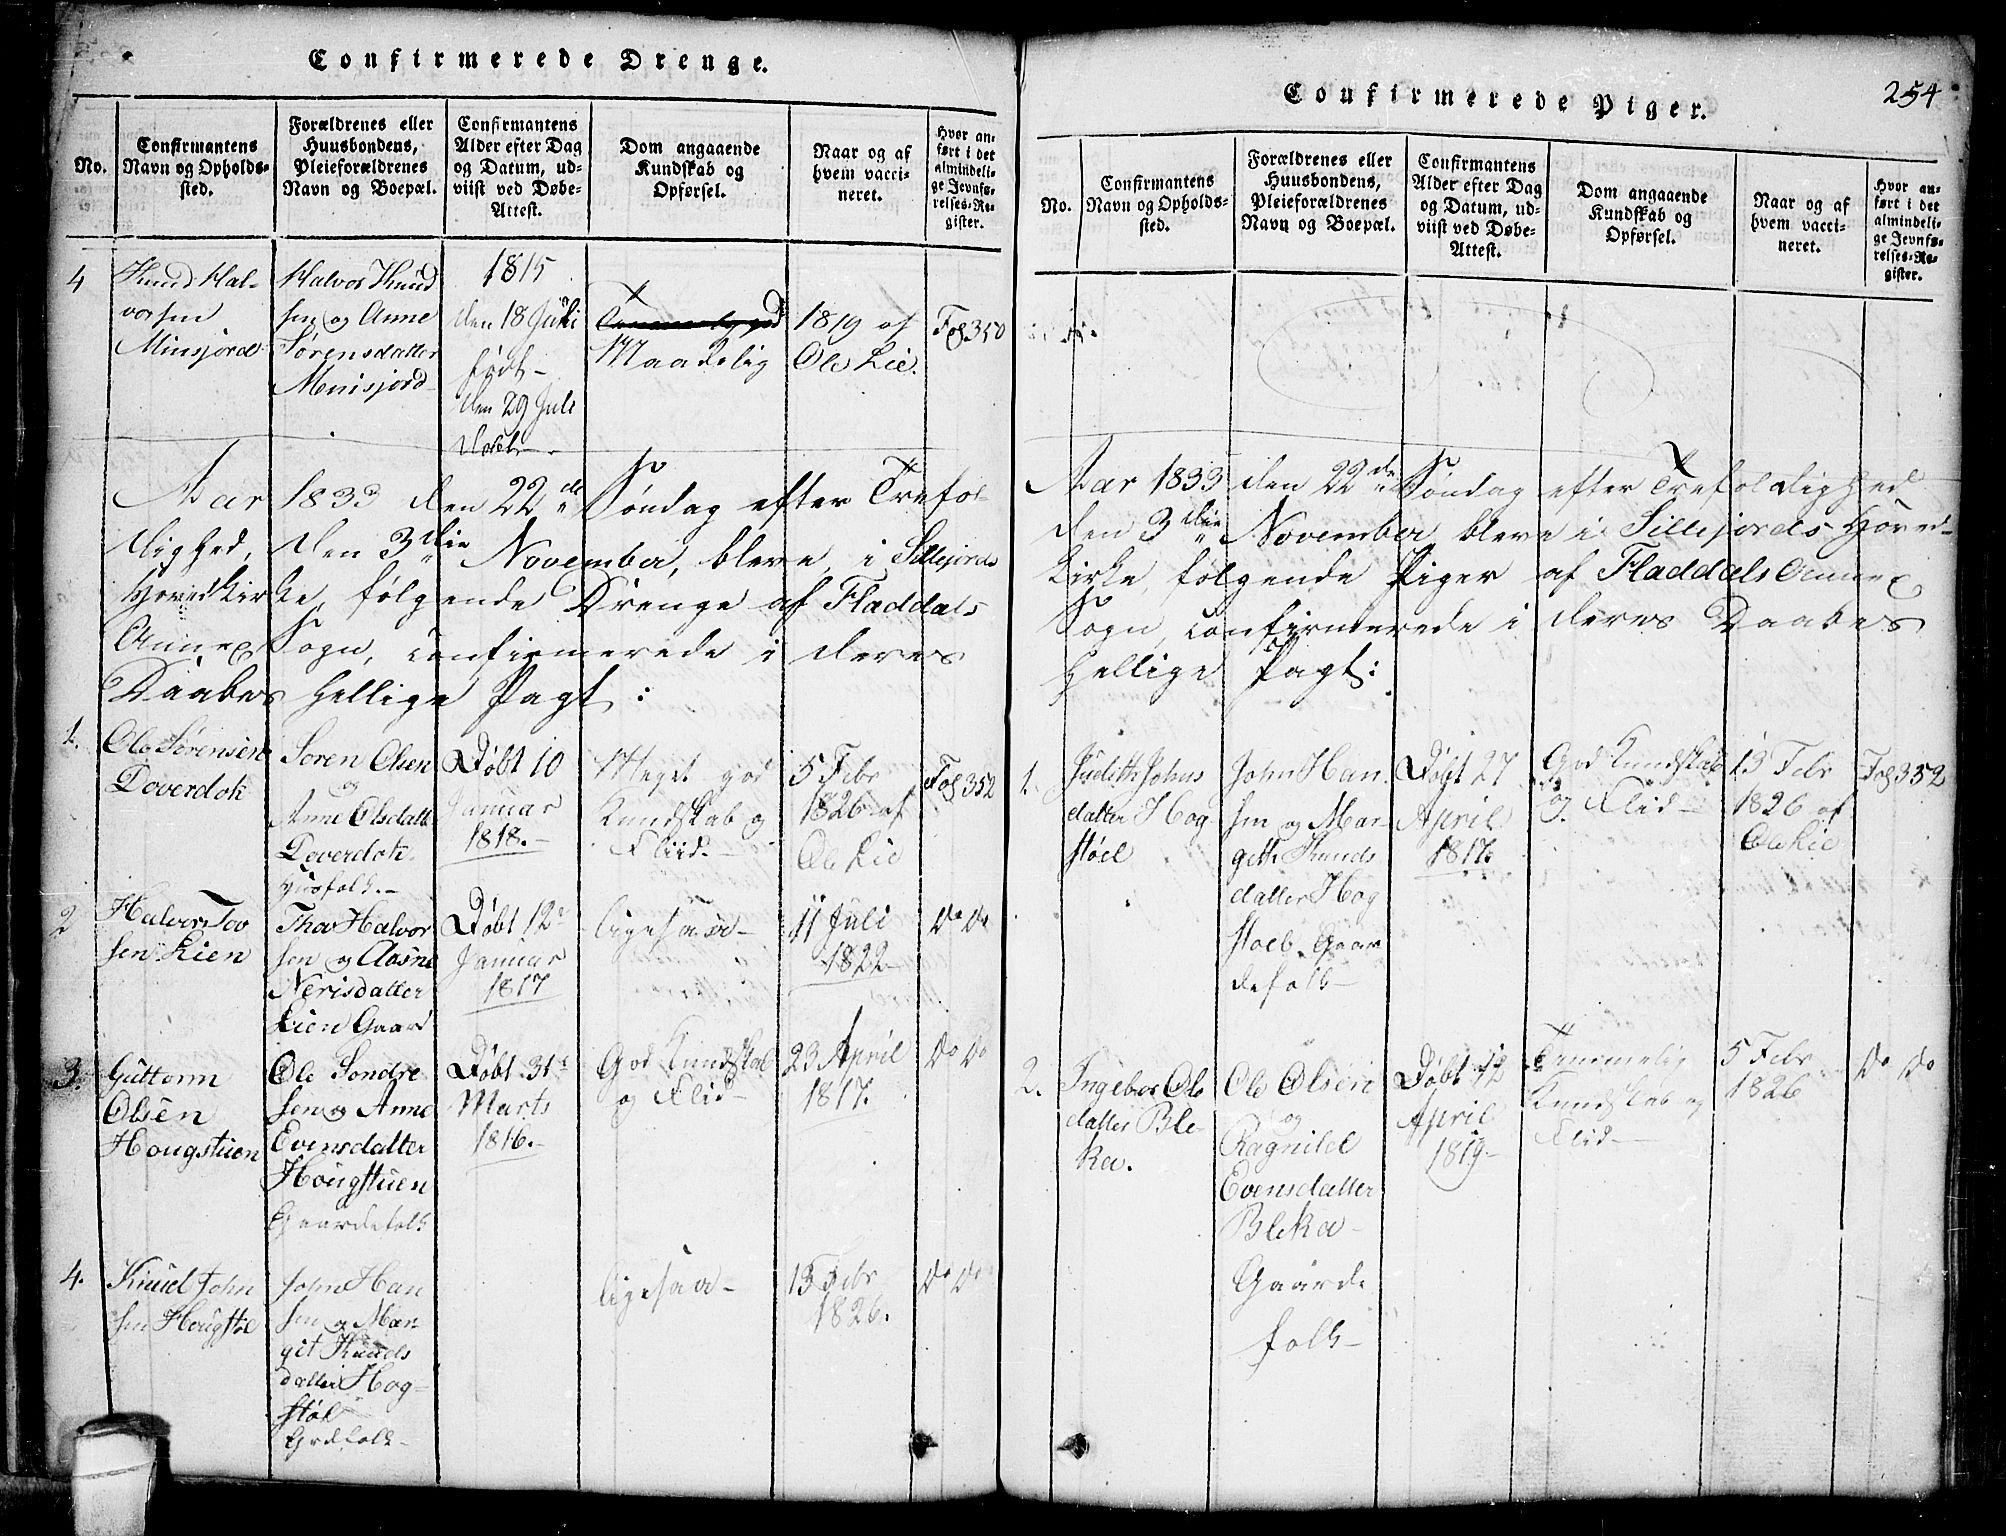 SAKO, Seljord kirkebøker, G/Gb/L0002: Klokkerbok nr. II 2, 1815-1854, s. 254